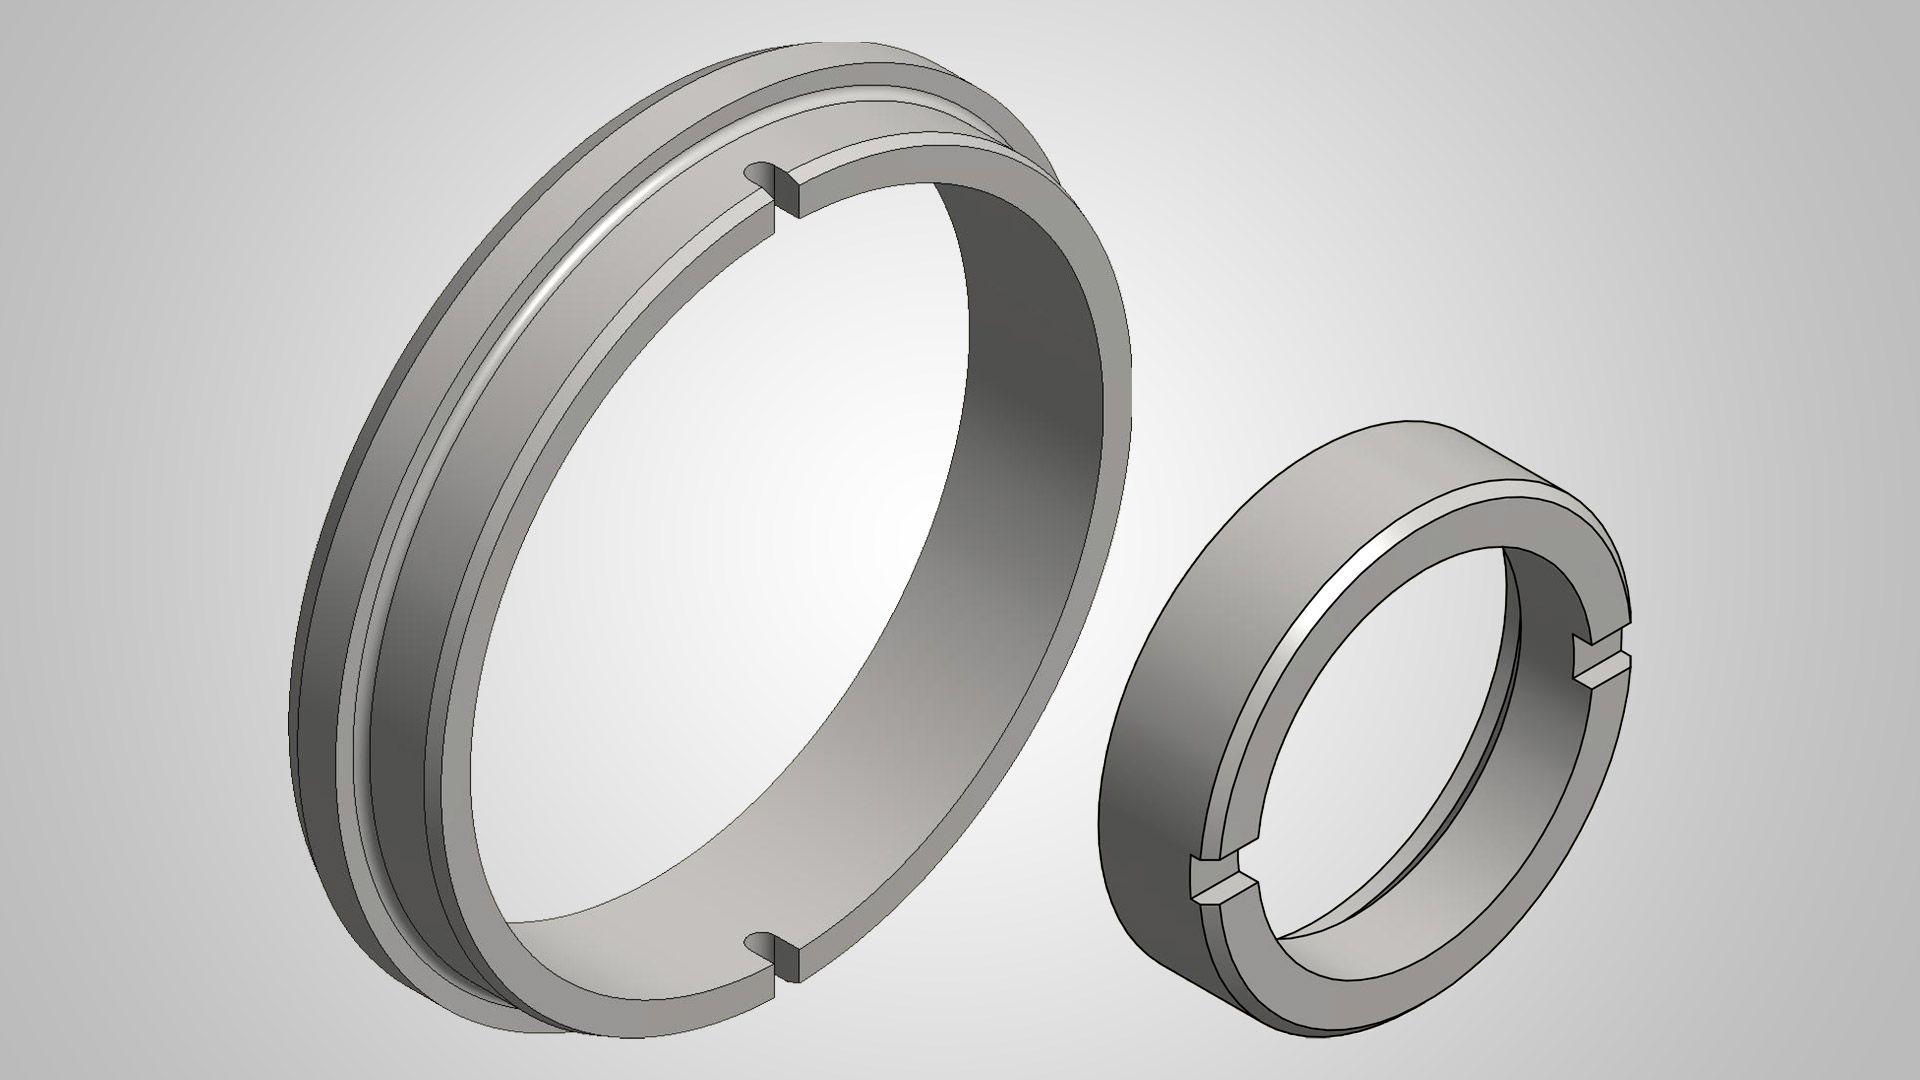 Anéis para Vedação de Selos Mecânicos